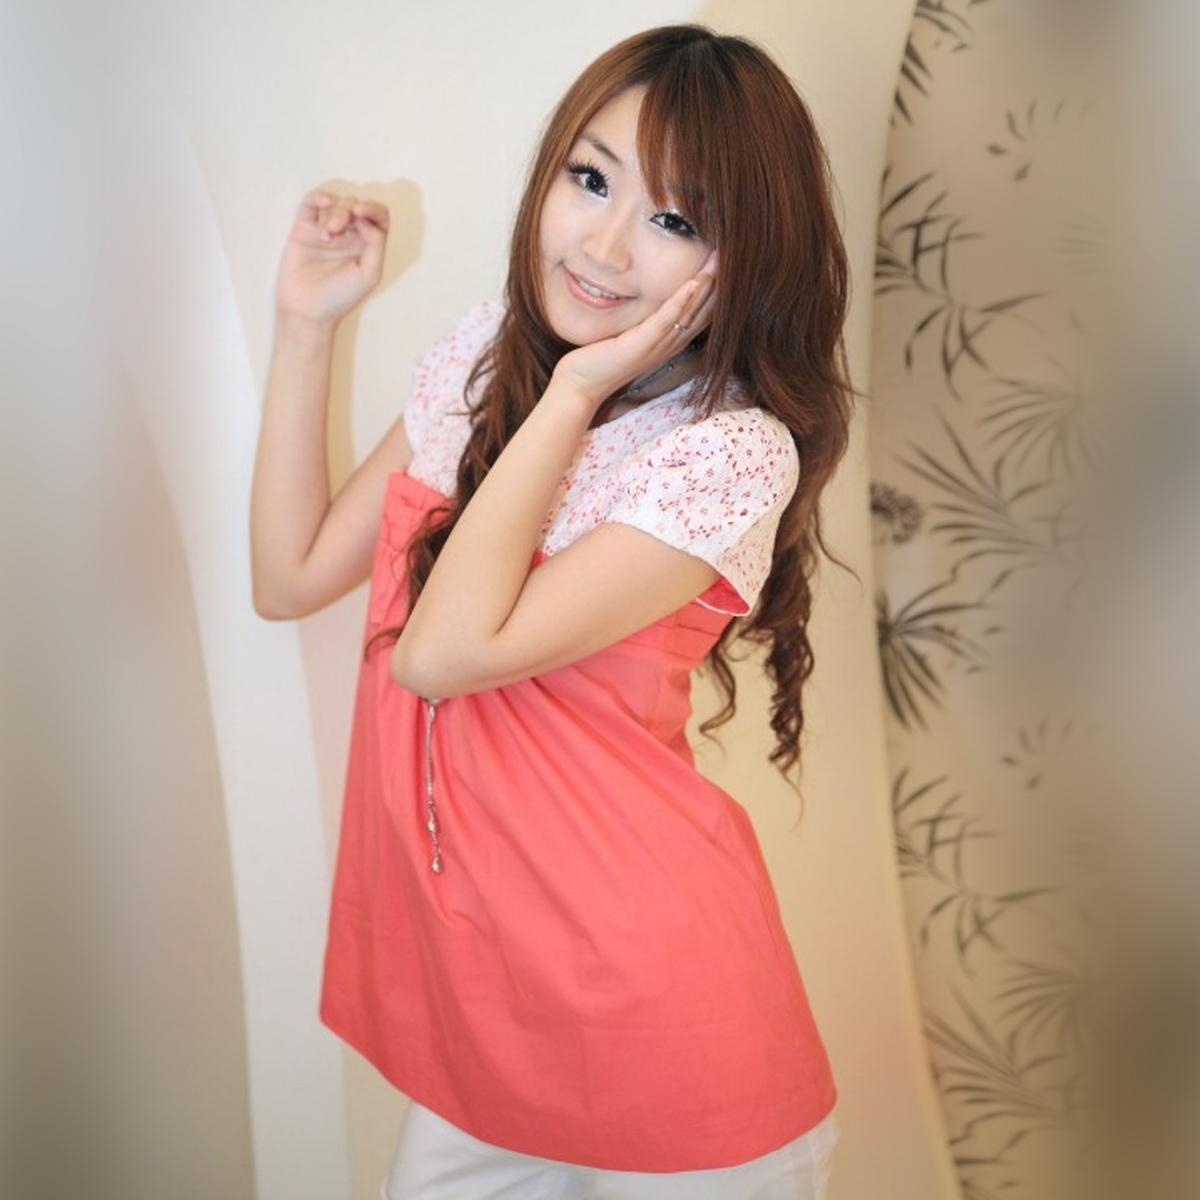 женская рубашка OSA sc90501 O.SA Casual Короткий рукав Однотонный цвет Закругленный вырез